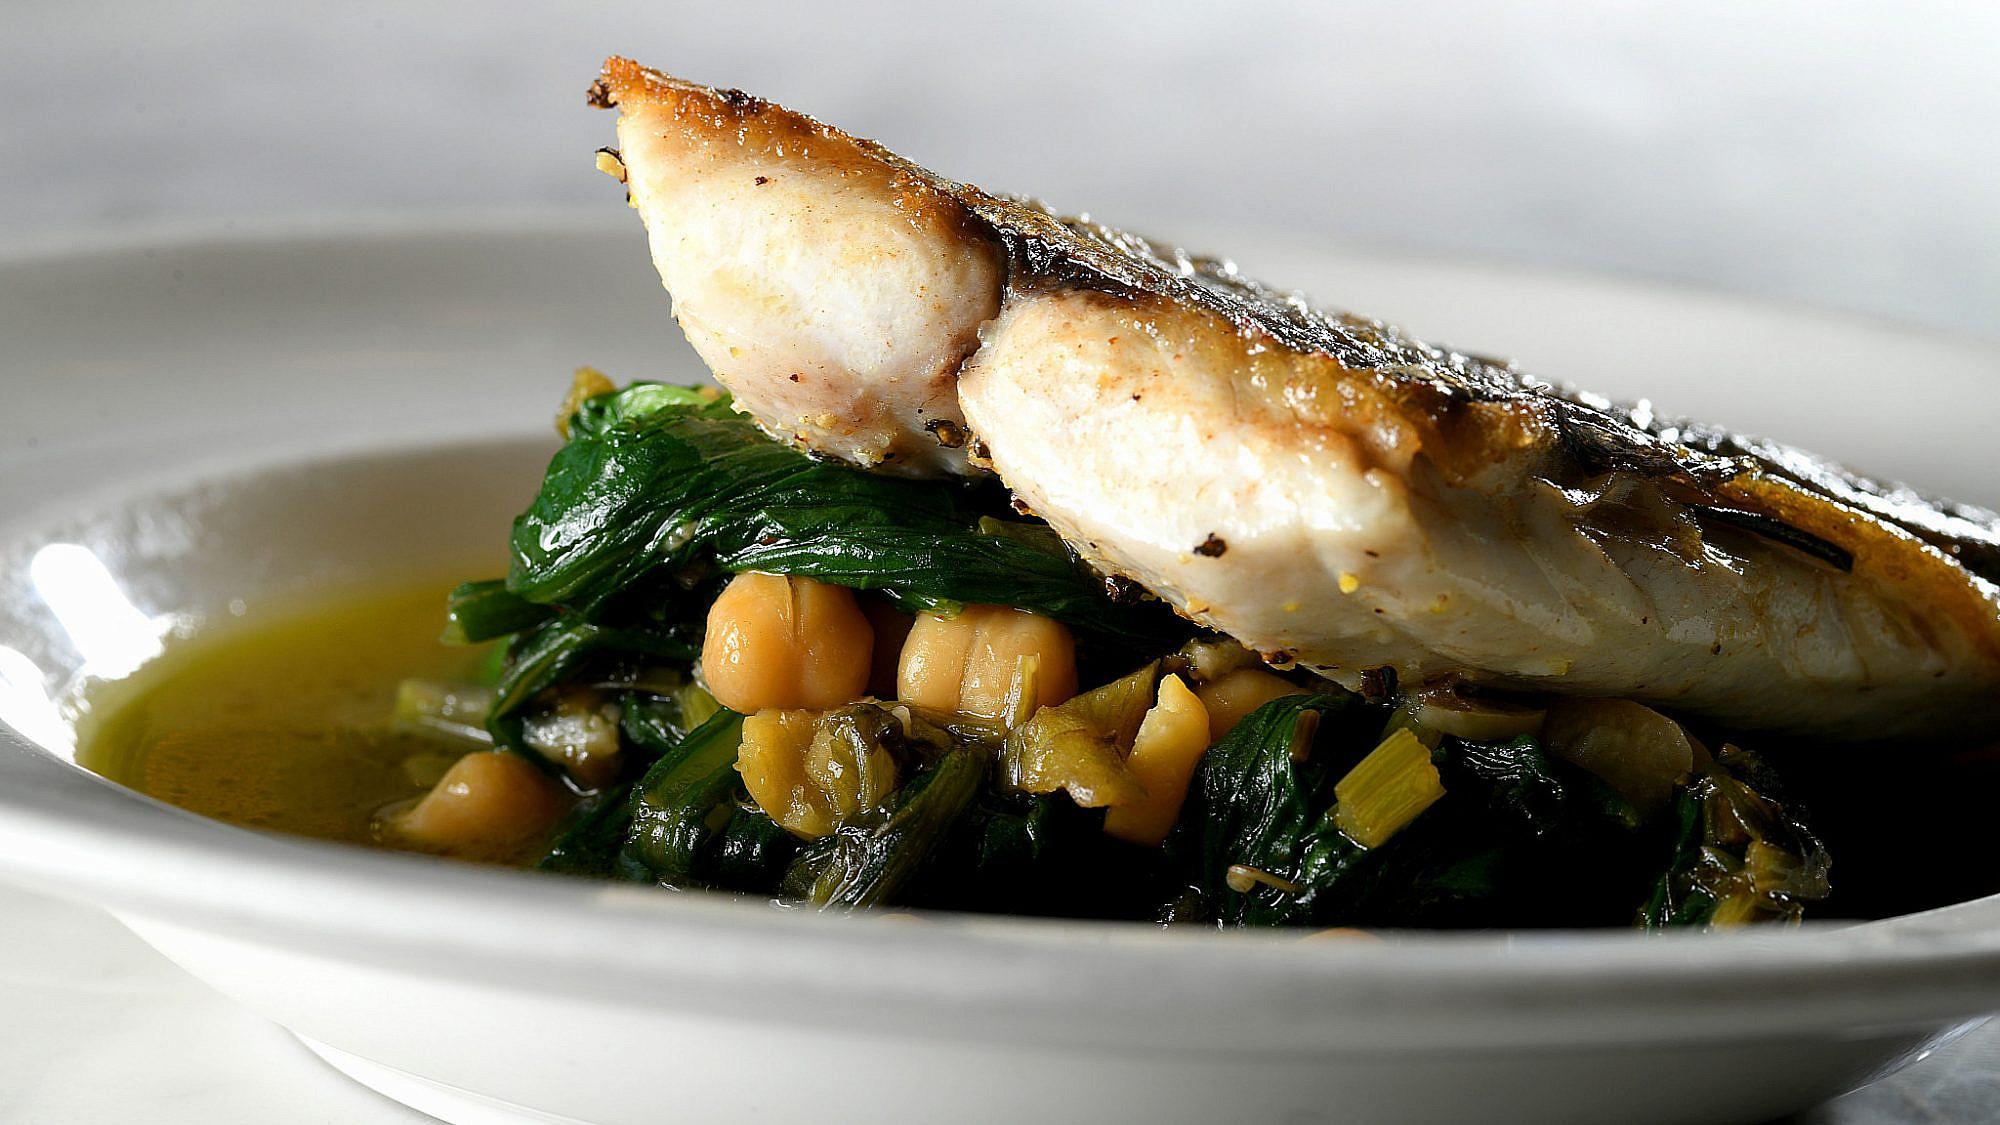 תבשיל עלים ירוקים עם חומוס ודג צלוי של שף עינב אזגורי. צילום: רן בירן